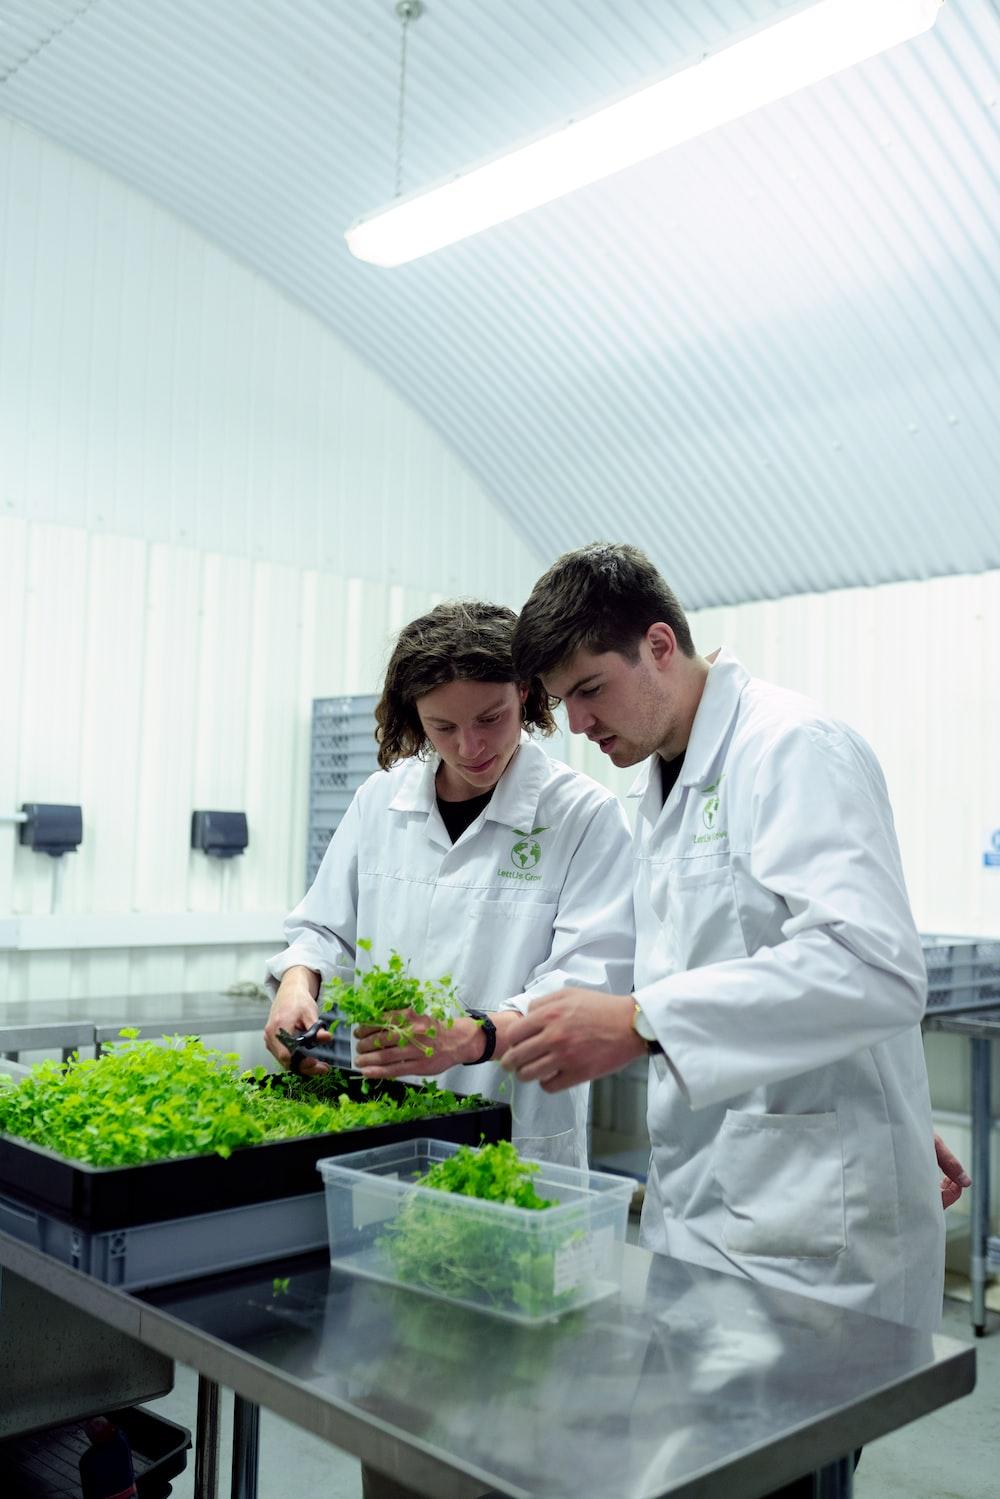 2 men in white dress shirt holding green plant